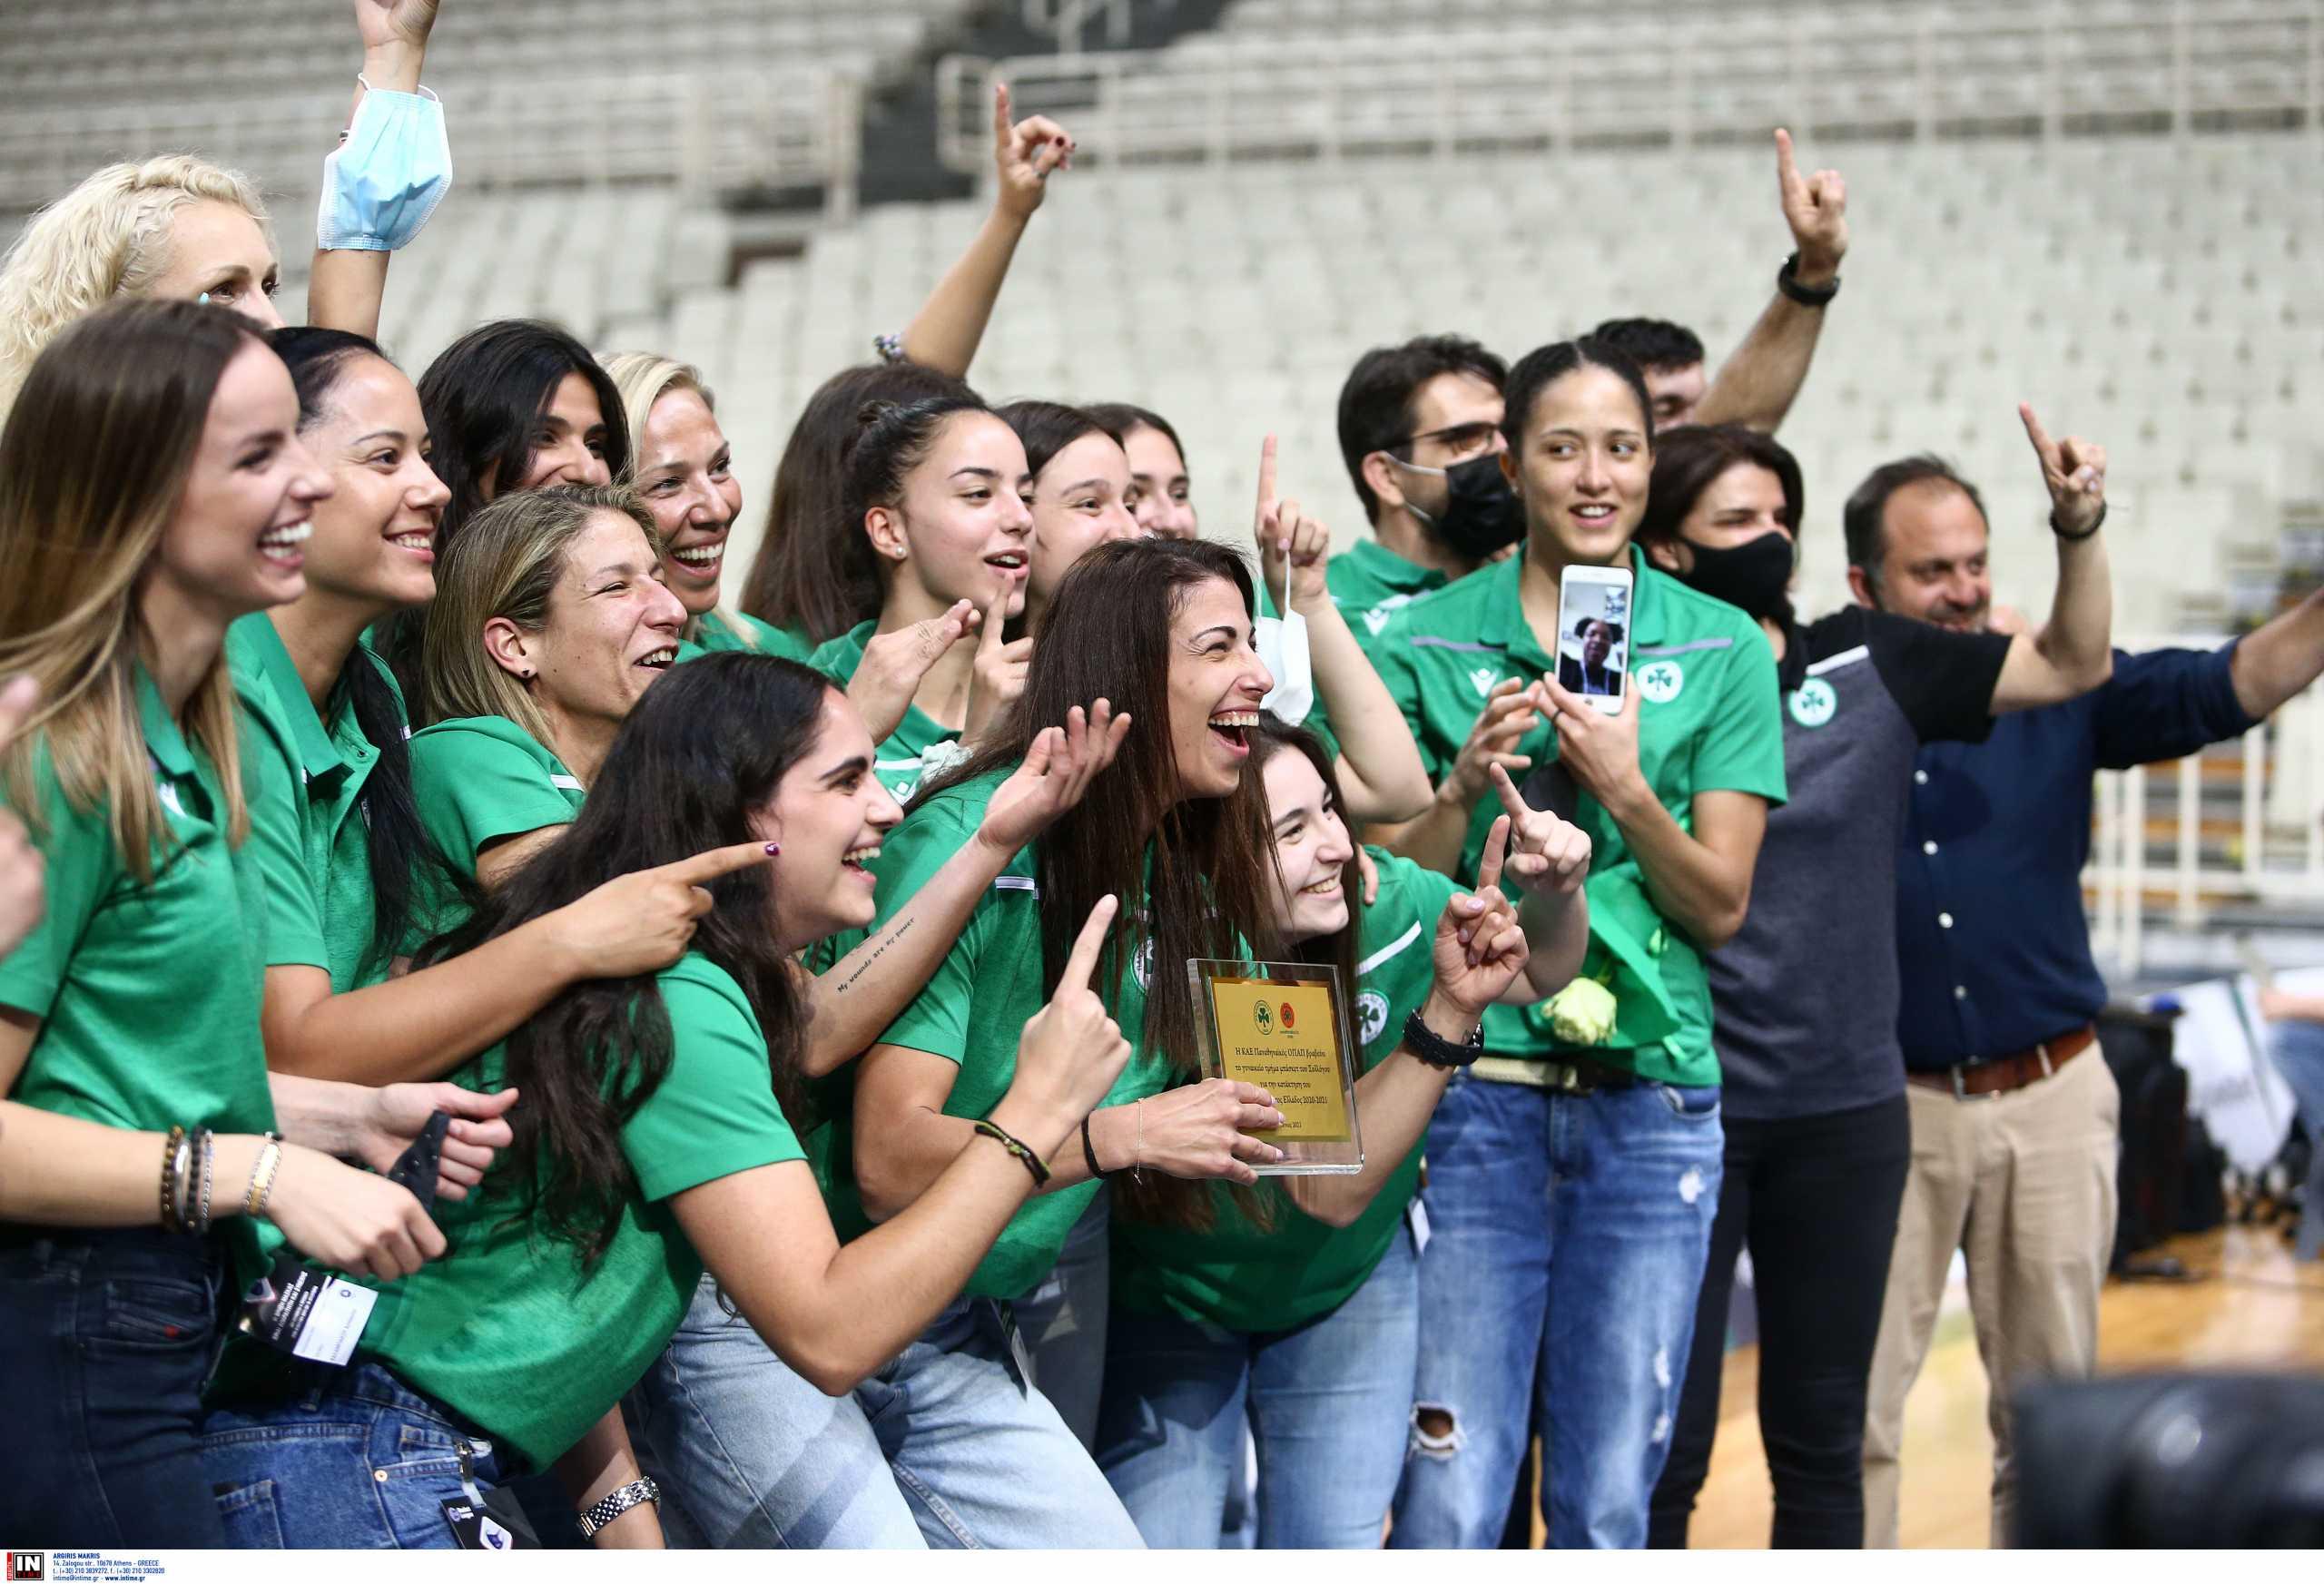 Η ΚΑΕ Παναθηναϊκός βράβευσε τις πρωταθλήτριες του μπάσκετ γυναικών